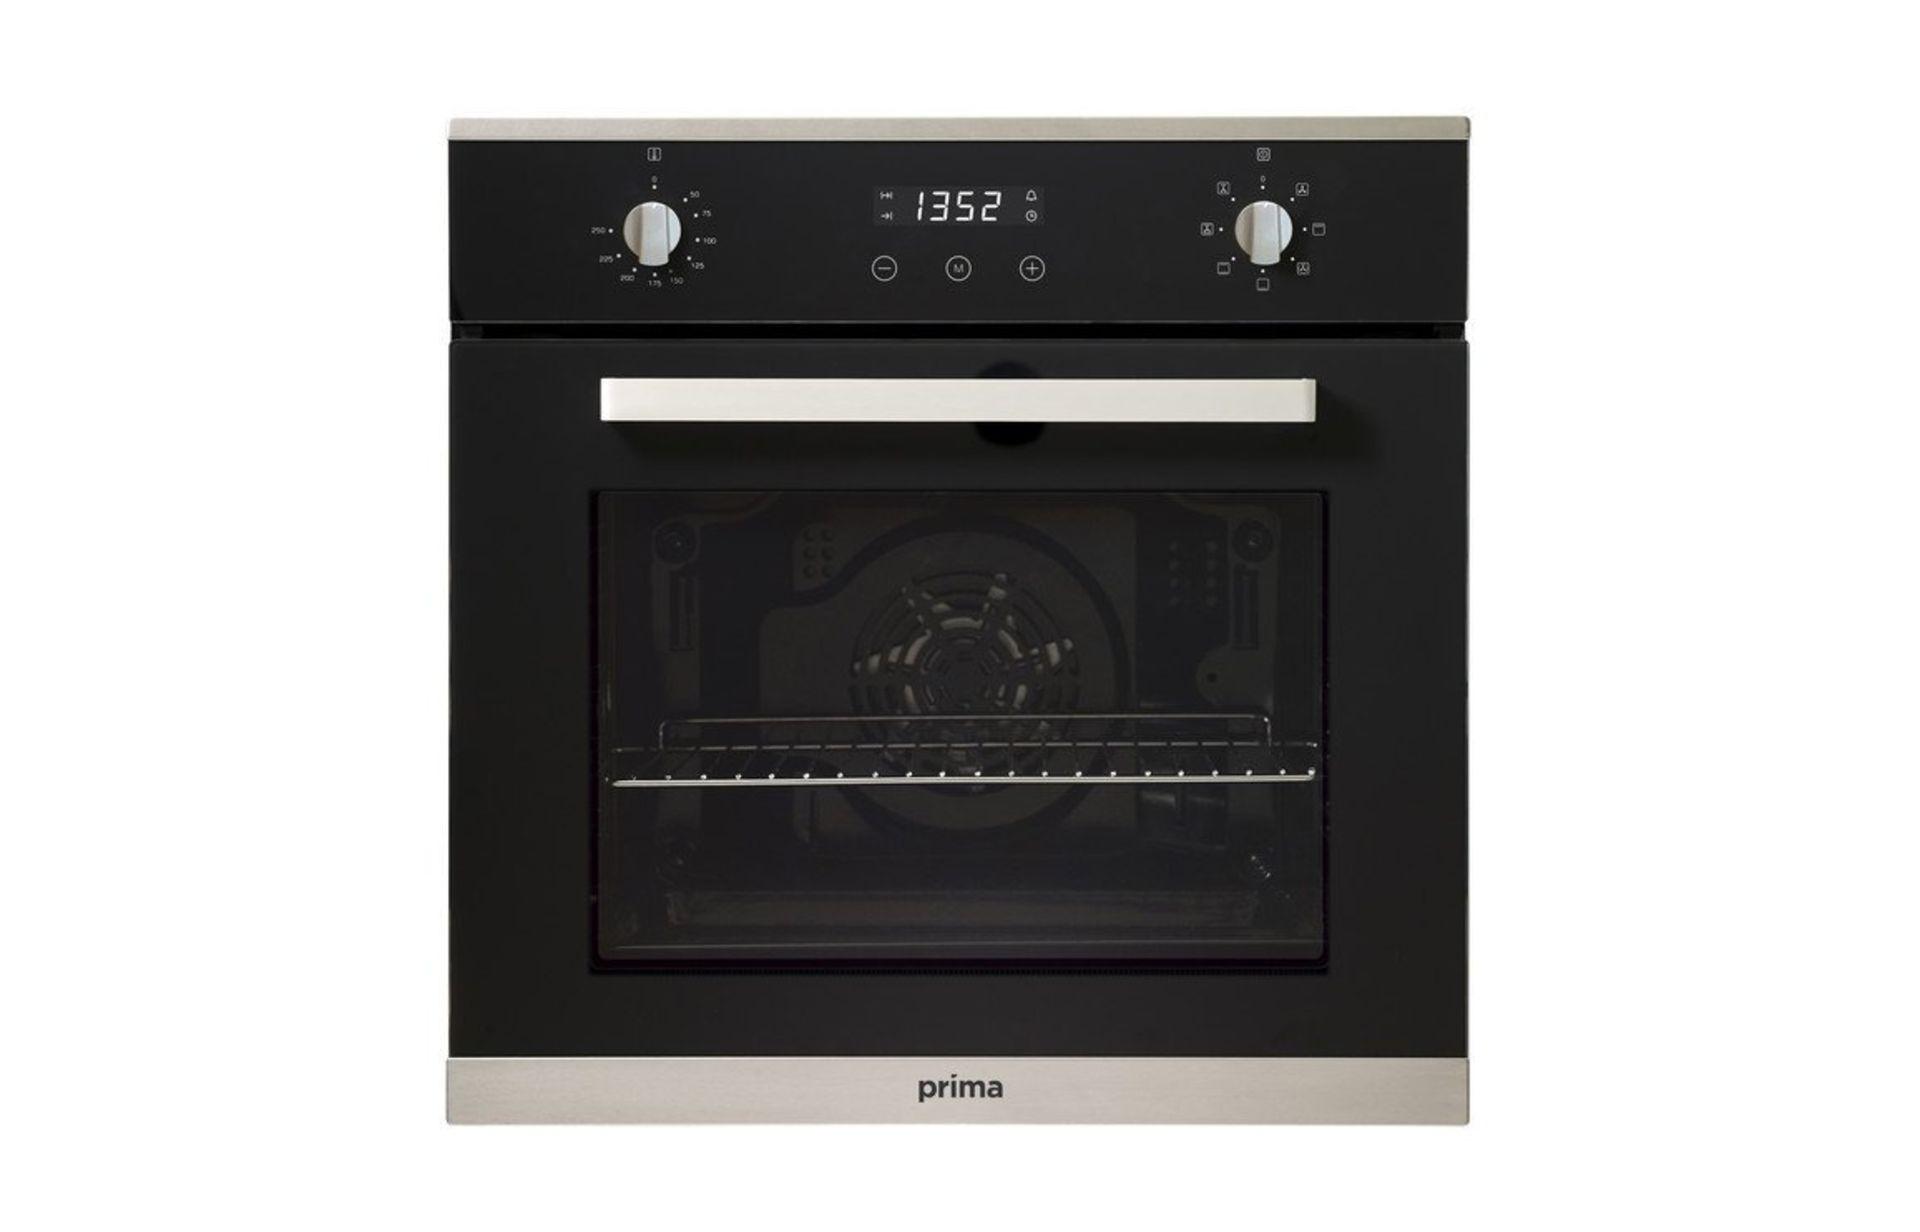 (KA22) Prima+ PRSO106 B/I Single Electric Fan Oven - Black & St/Steel. A Built In Single Electr...